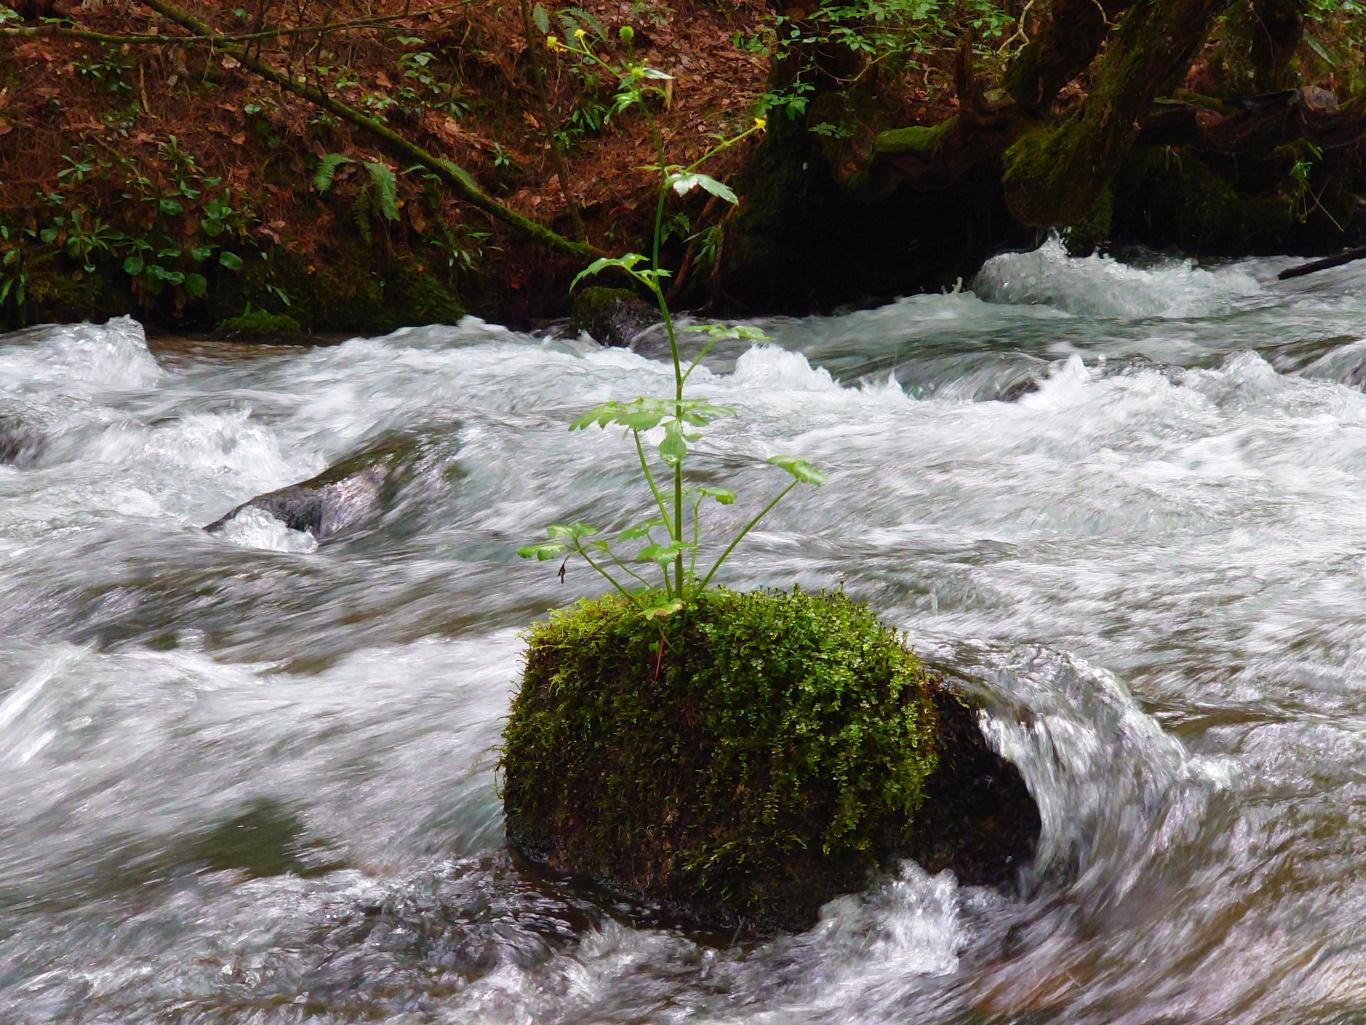 急流の石の上で花を咲かせる植物